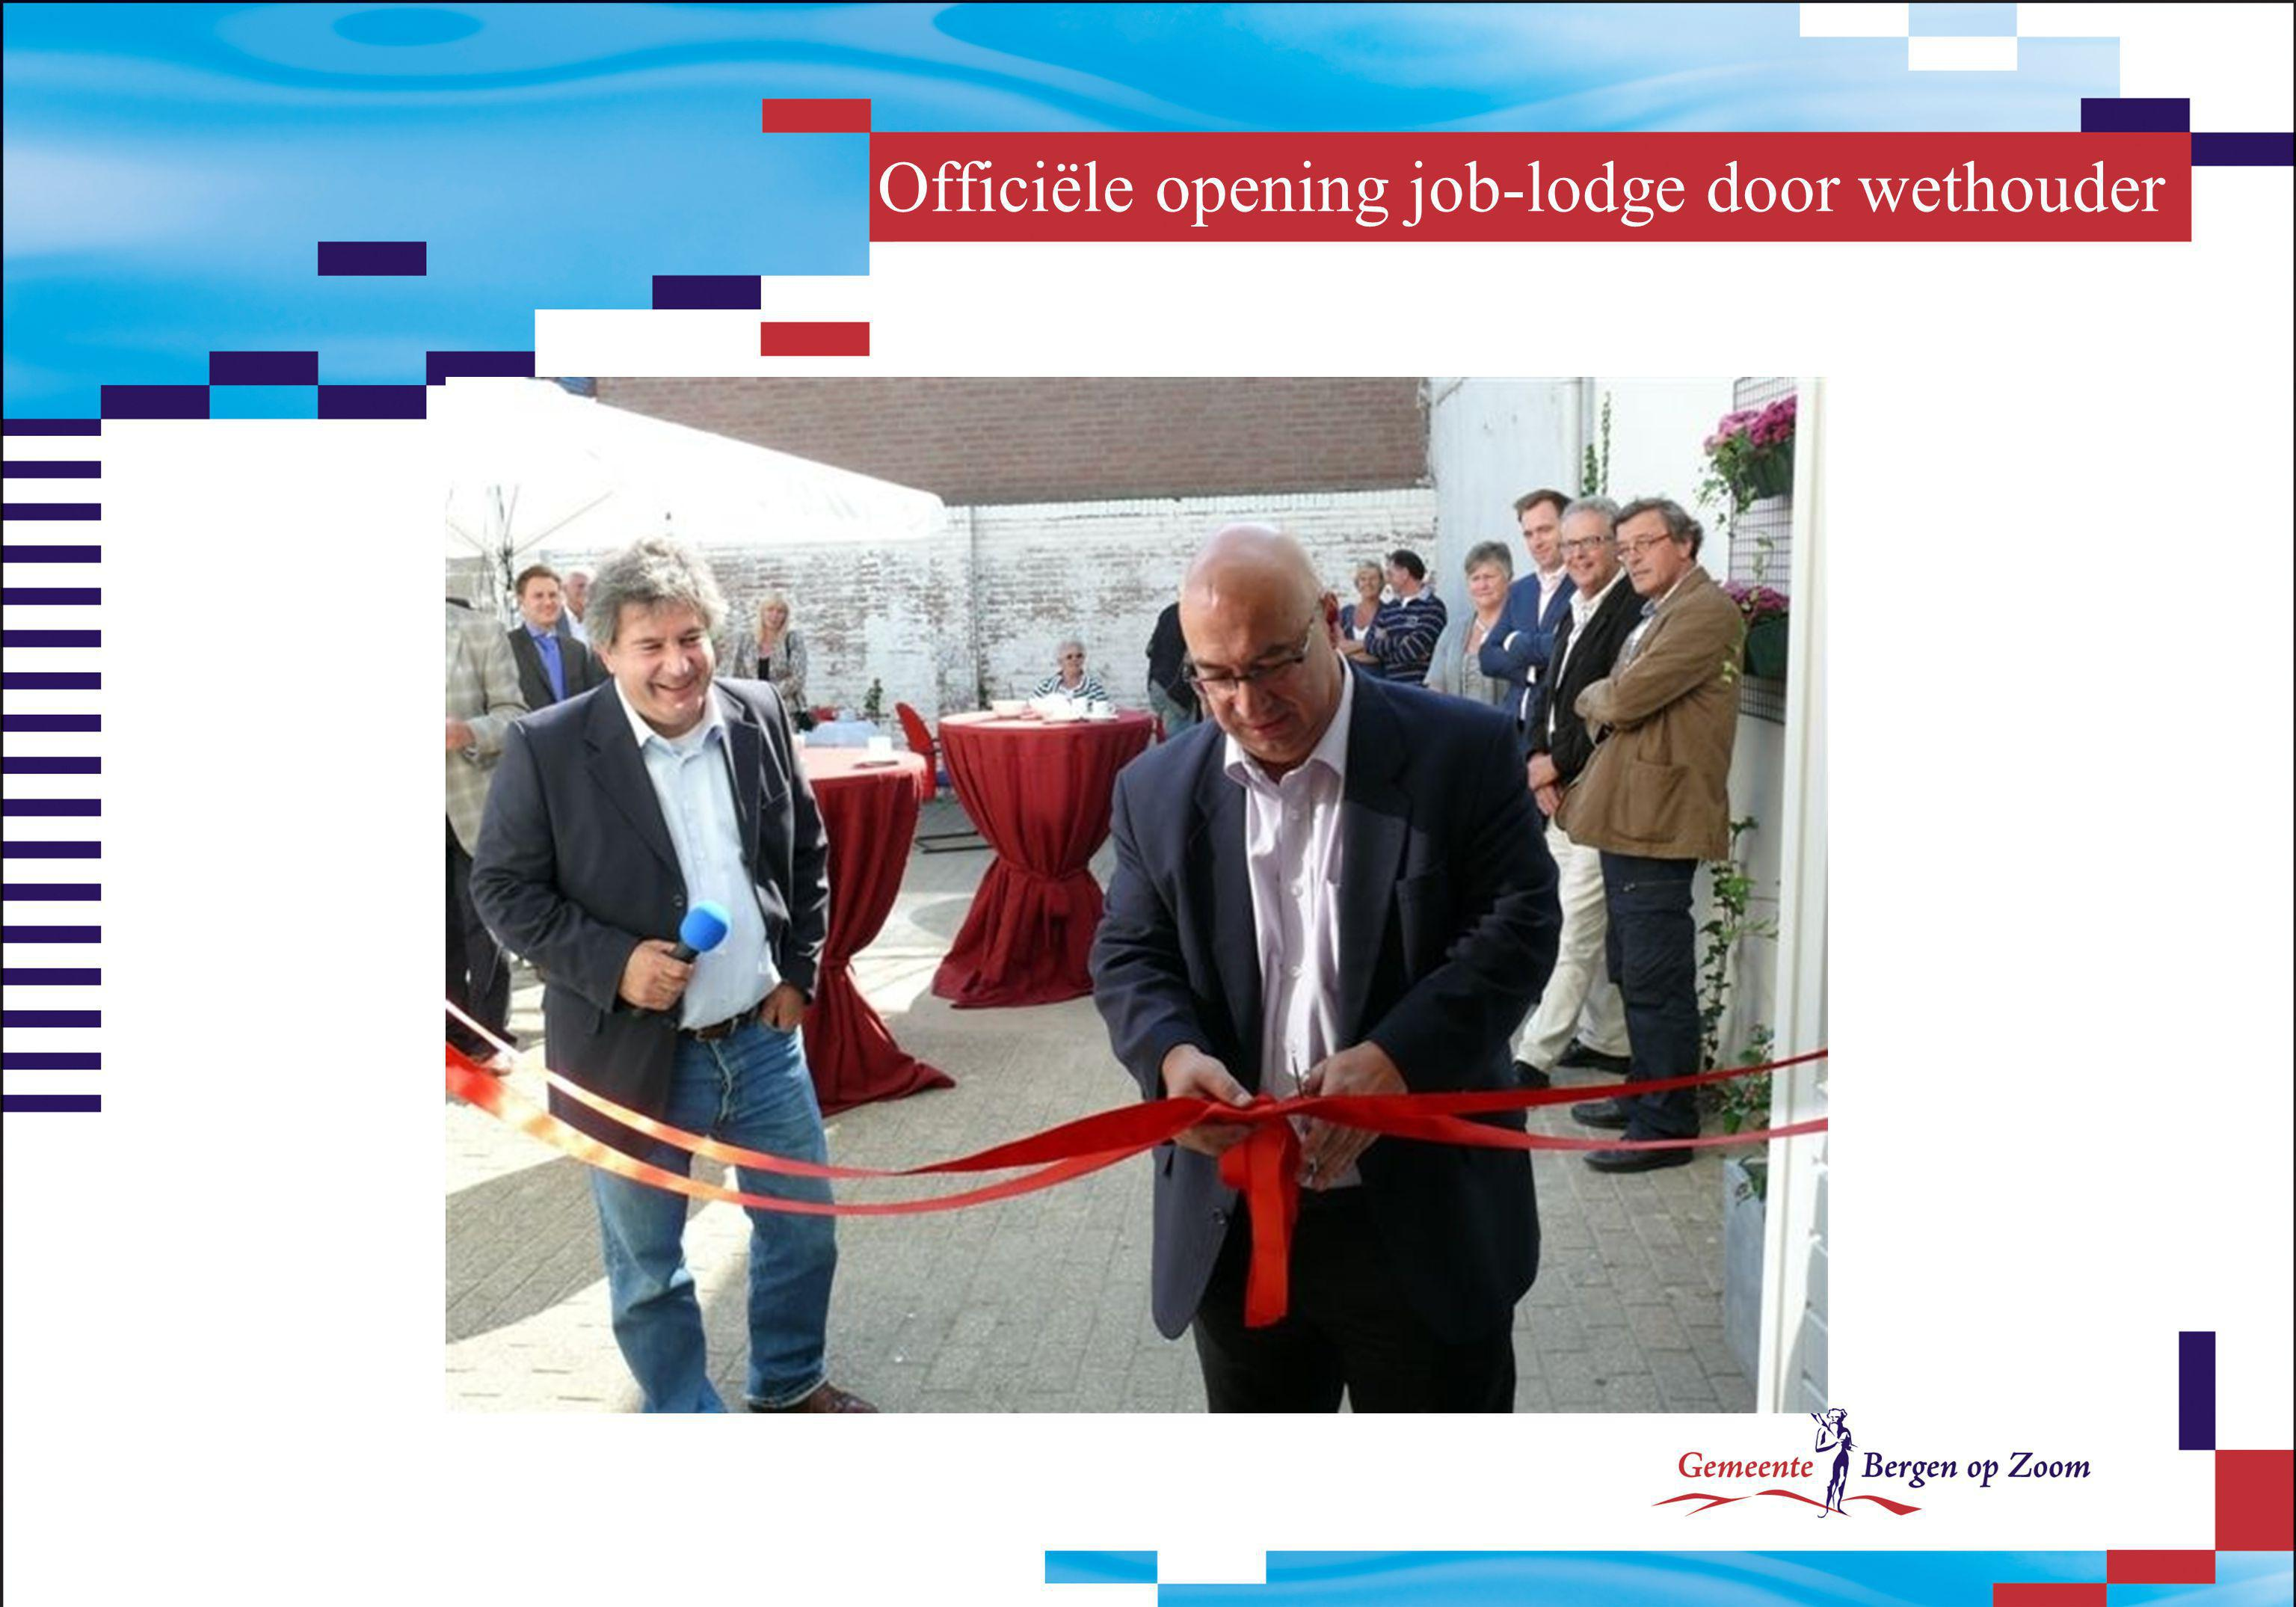 Officiële opening job-lodge door wethouder